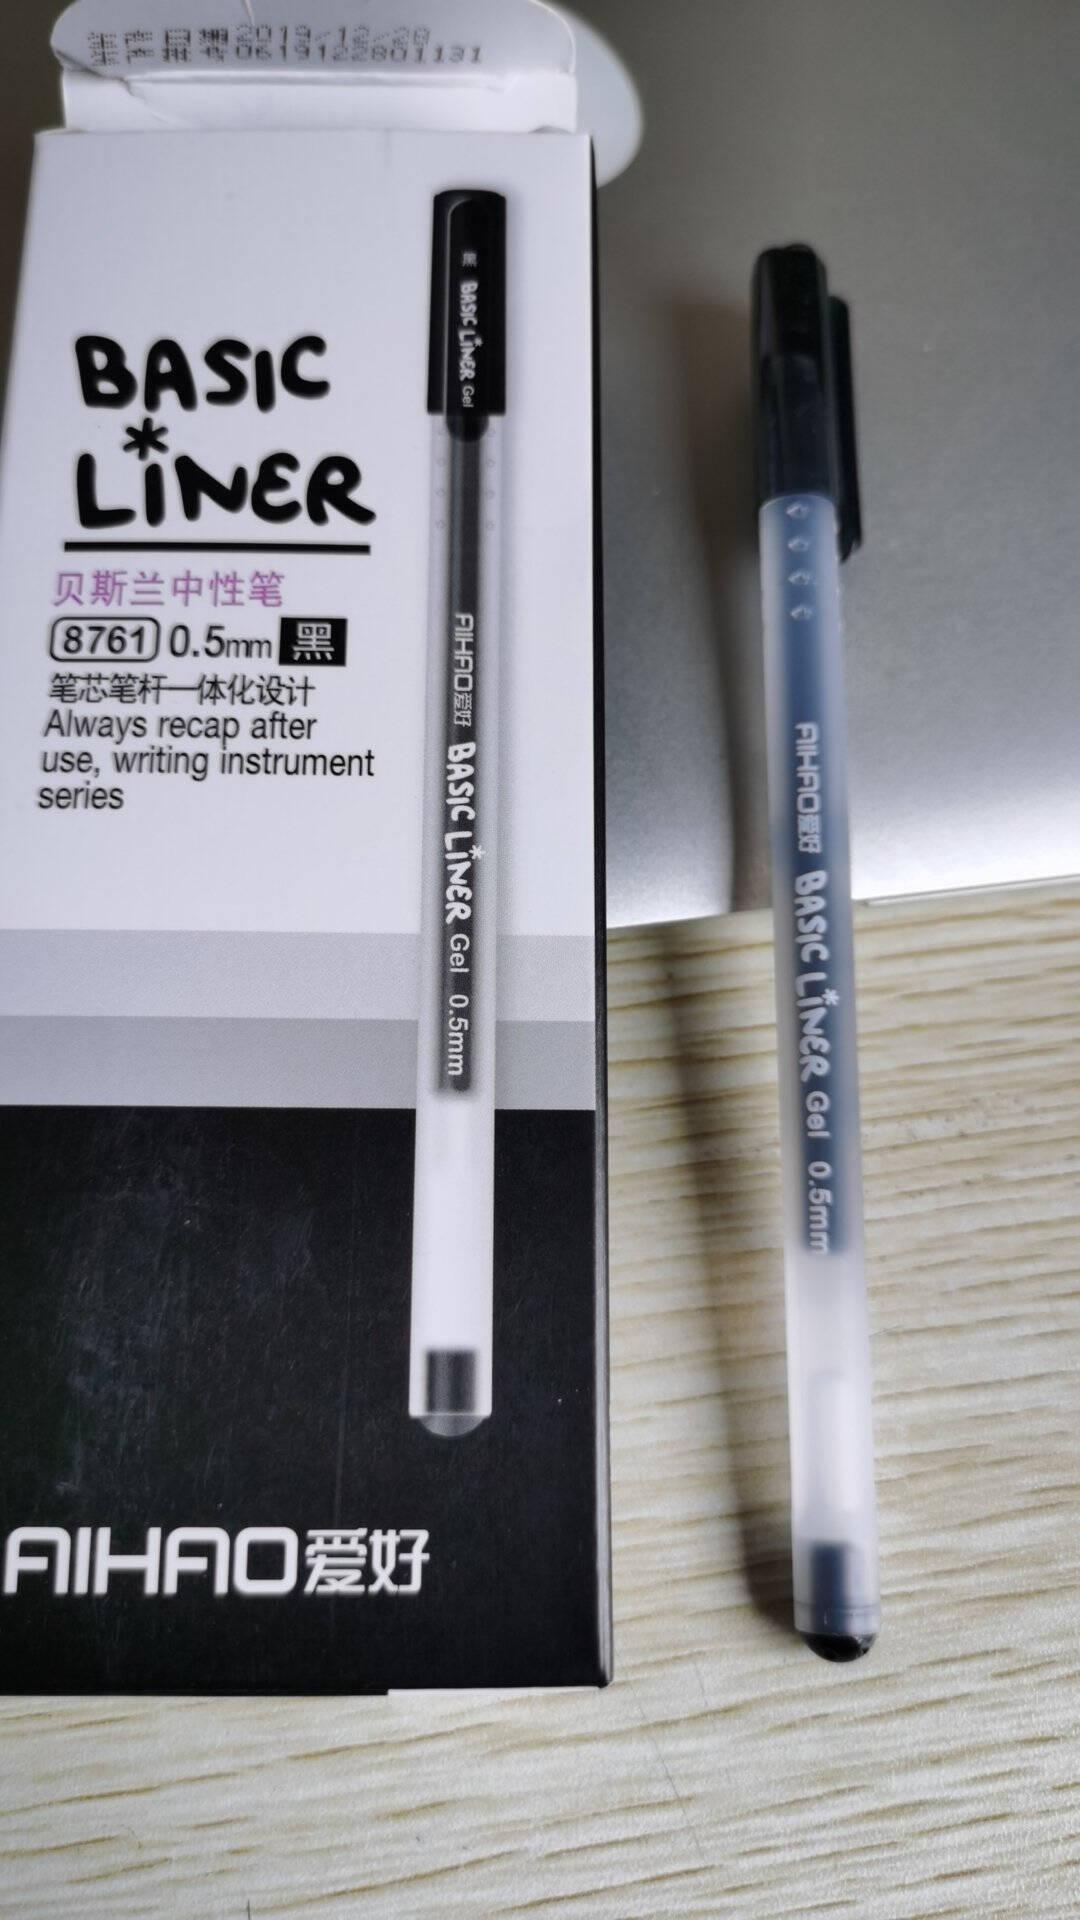 爱好(AIHAO)全针管大容量中性笔签字笔学生考试办公用品专用笔0.5MM黑色巨能写水性笔红色速干笔40支黑色笔芯+6支中性笔(款式随机发)